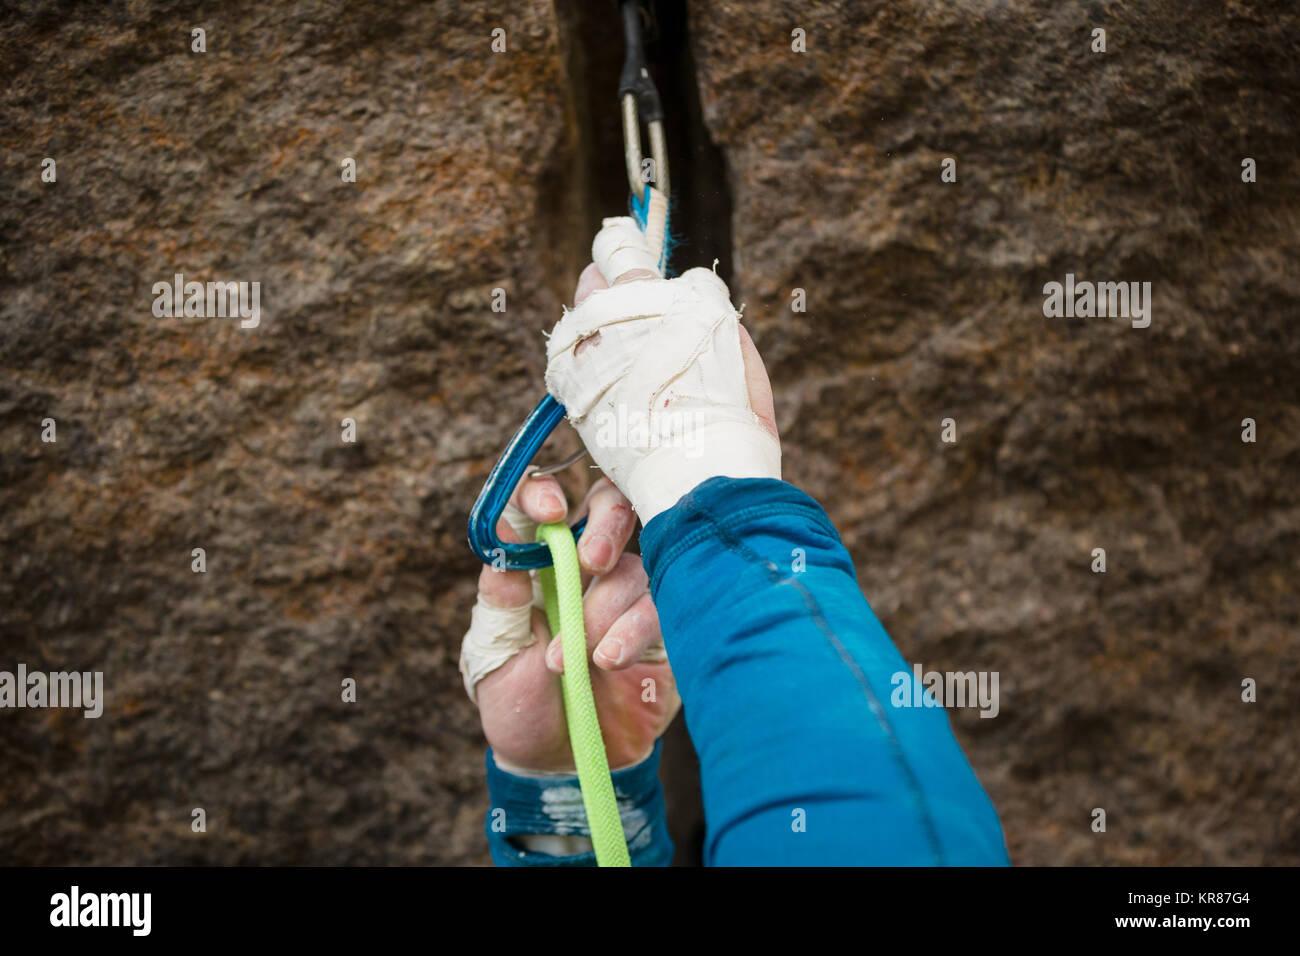 Klettergurt Mit Seil : Klettergurt aus seil binden abseil montage ohne spezielle